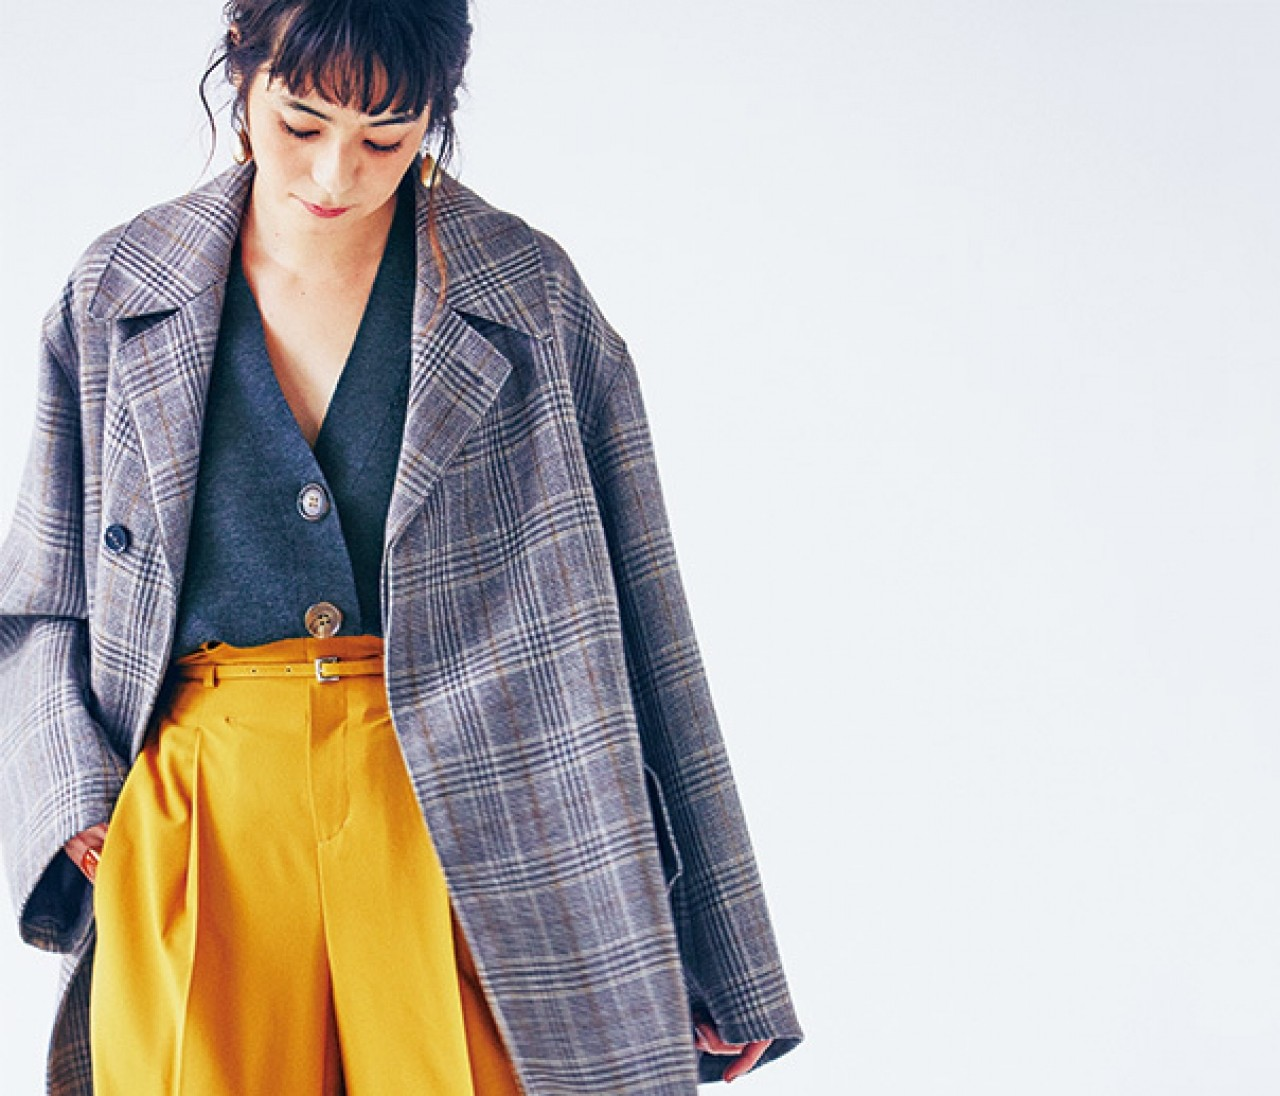 【5年以上着るコート】が好評な、日本人デザイナーブランド5選